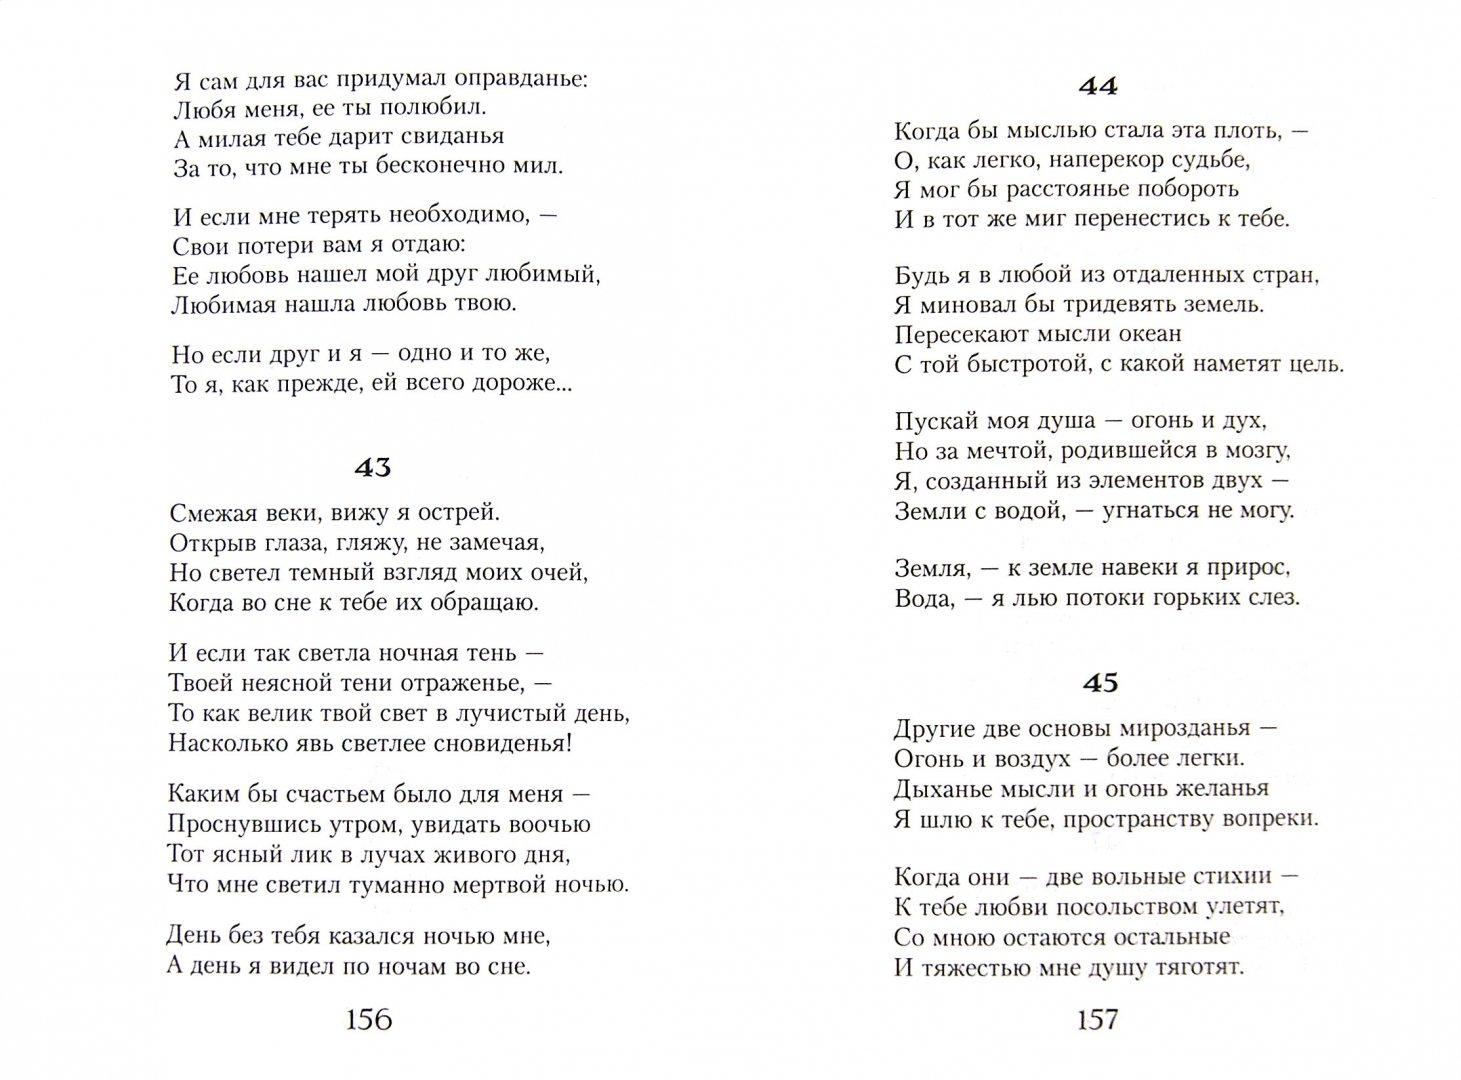 Иллюстрация 1 из 16 для Сонеты и поэмы - Уильям Шекспир | Лабиринт - книги. Источник: Лабиринт